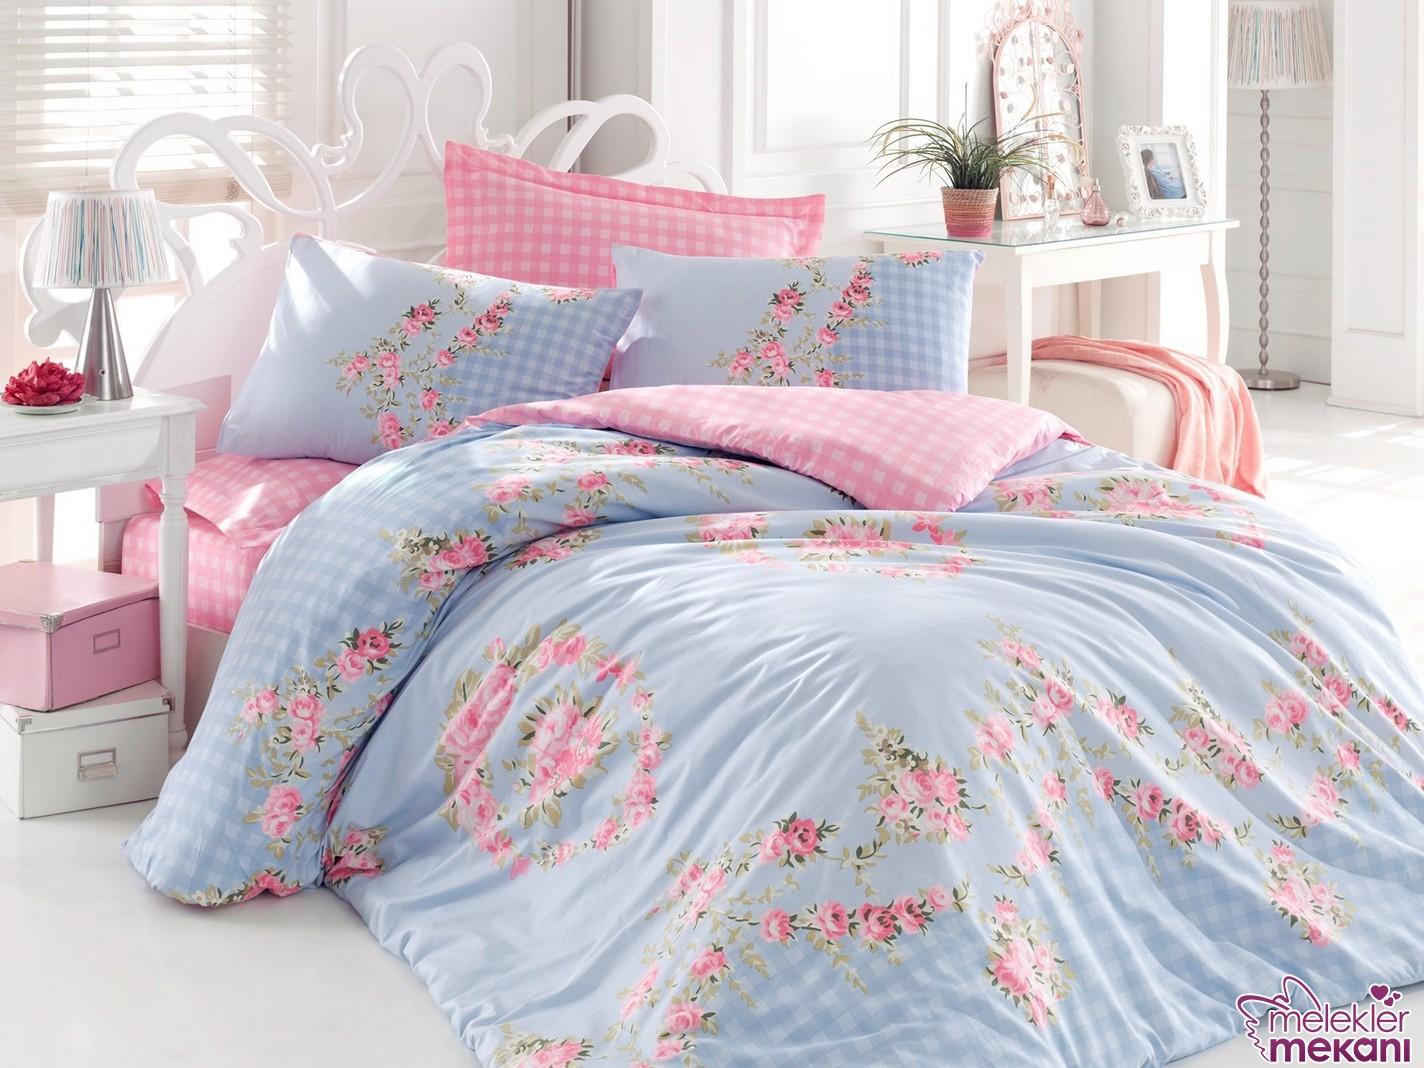 Pembe mavi renklerin bütünlüğünü yatak odanıza davet edici seçimlerinizde yeni sezon nevresim takımlarından faydalanabilirsiniz.